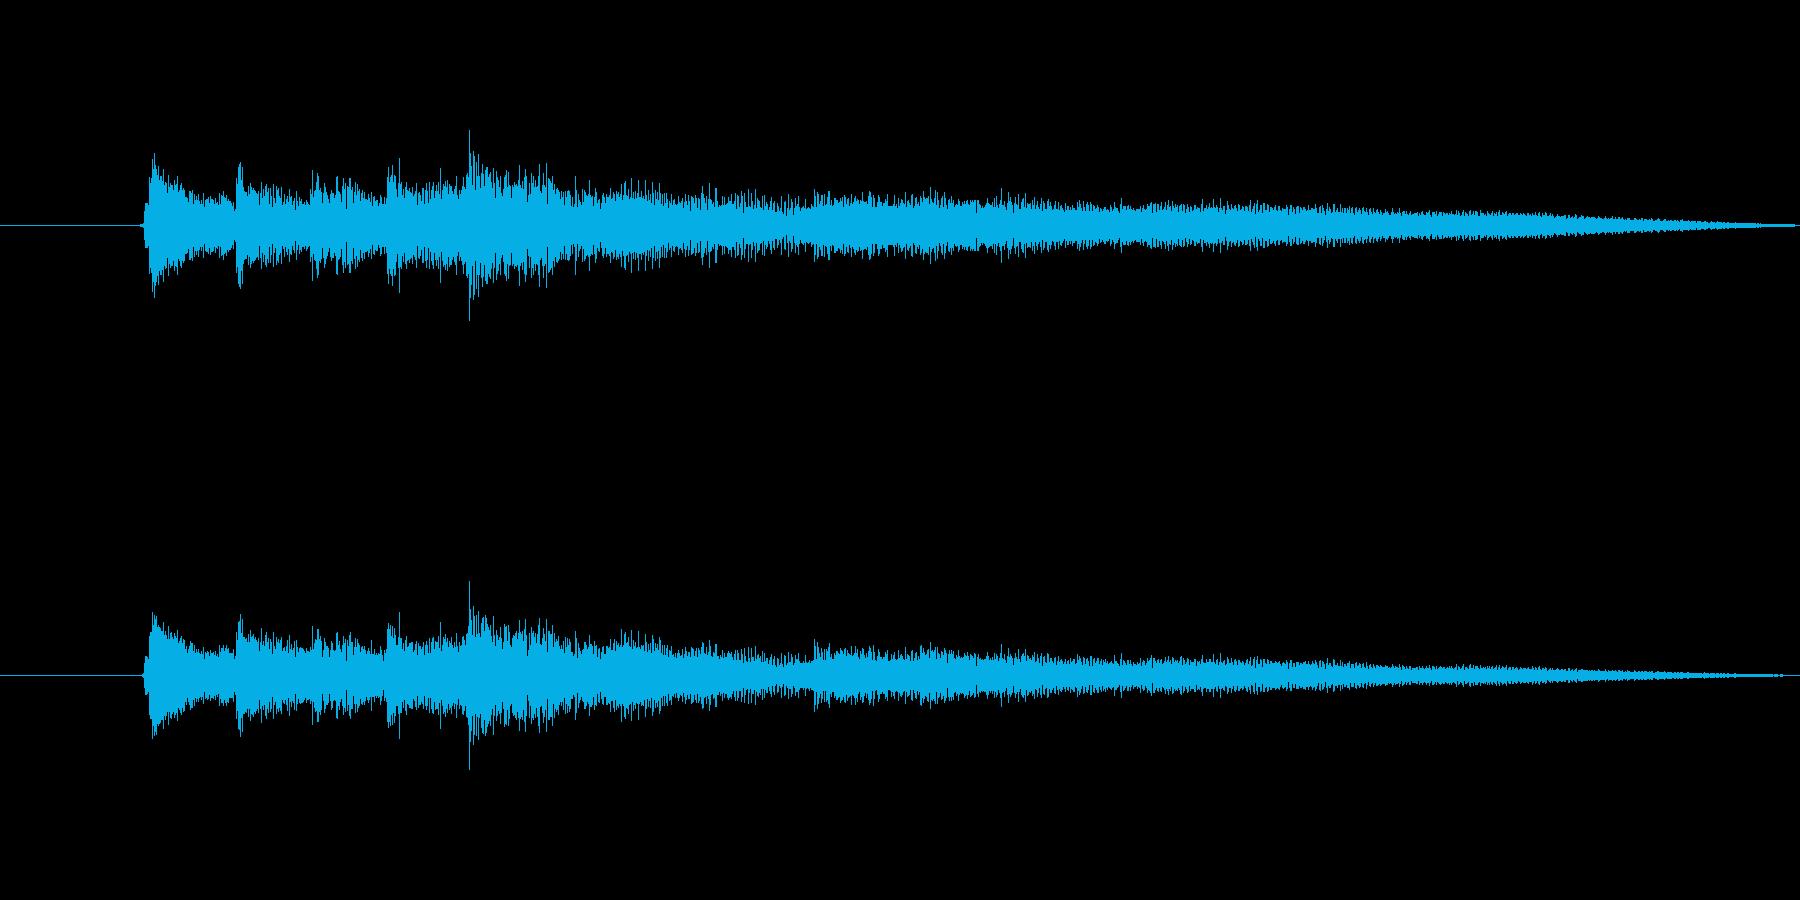 【後半へつづく】ブルージーなアイキャッチの再生済みの波形